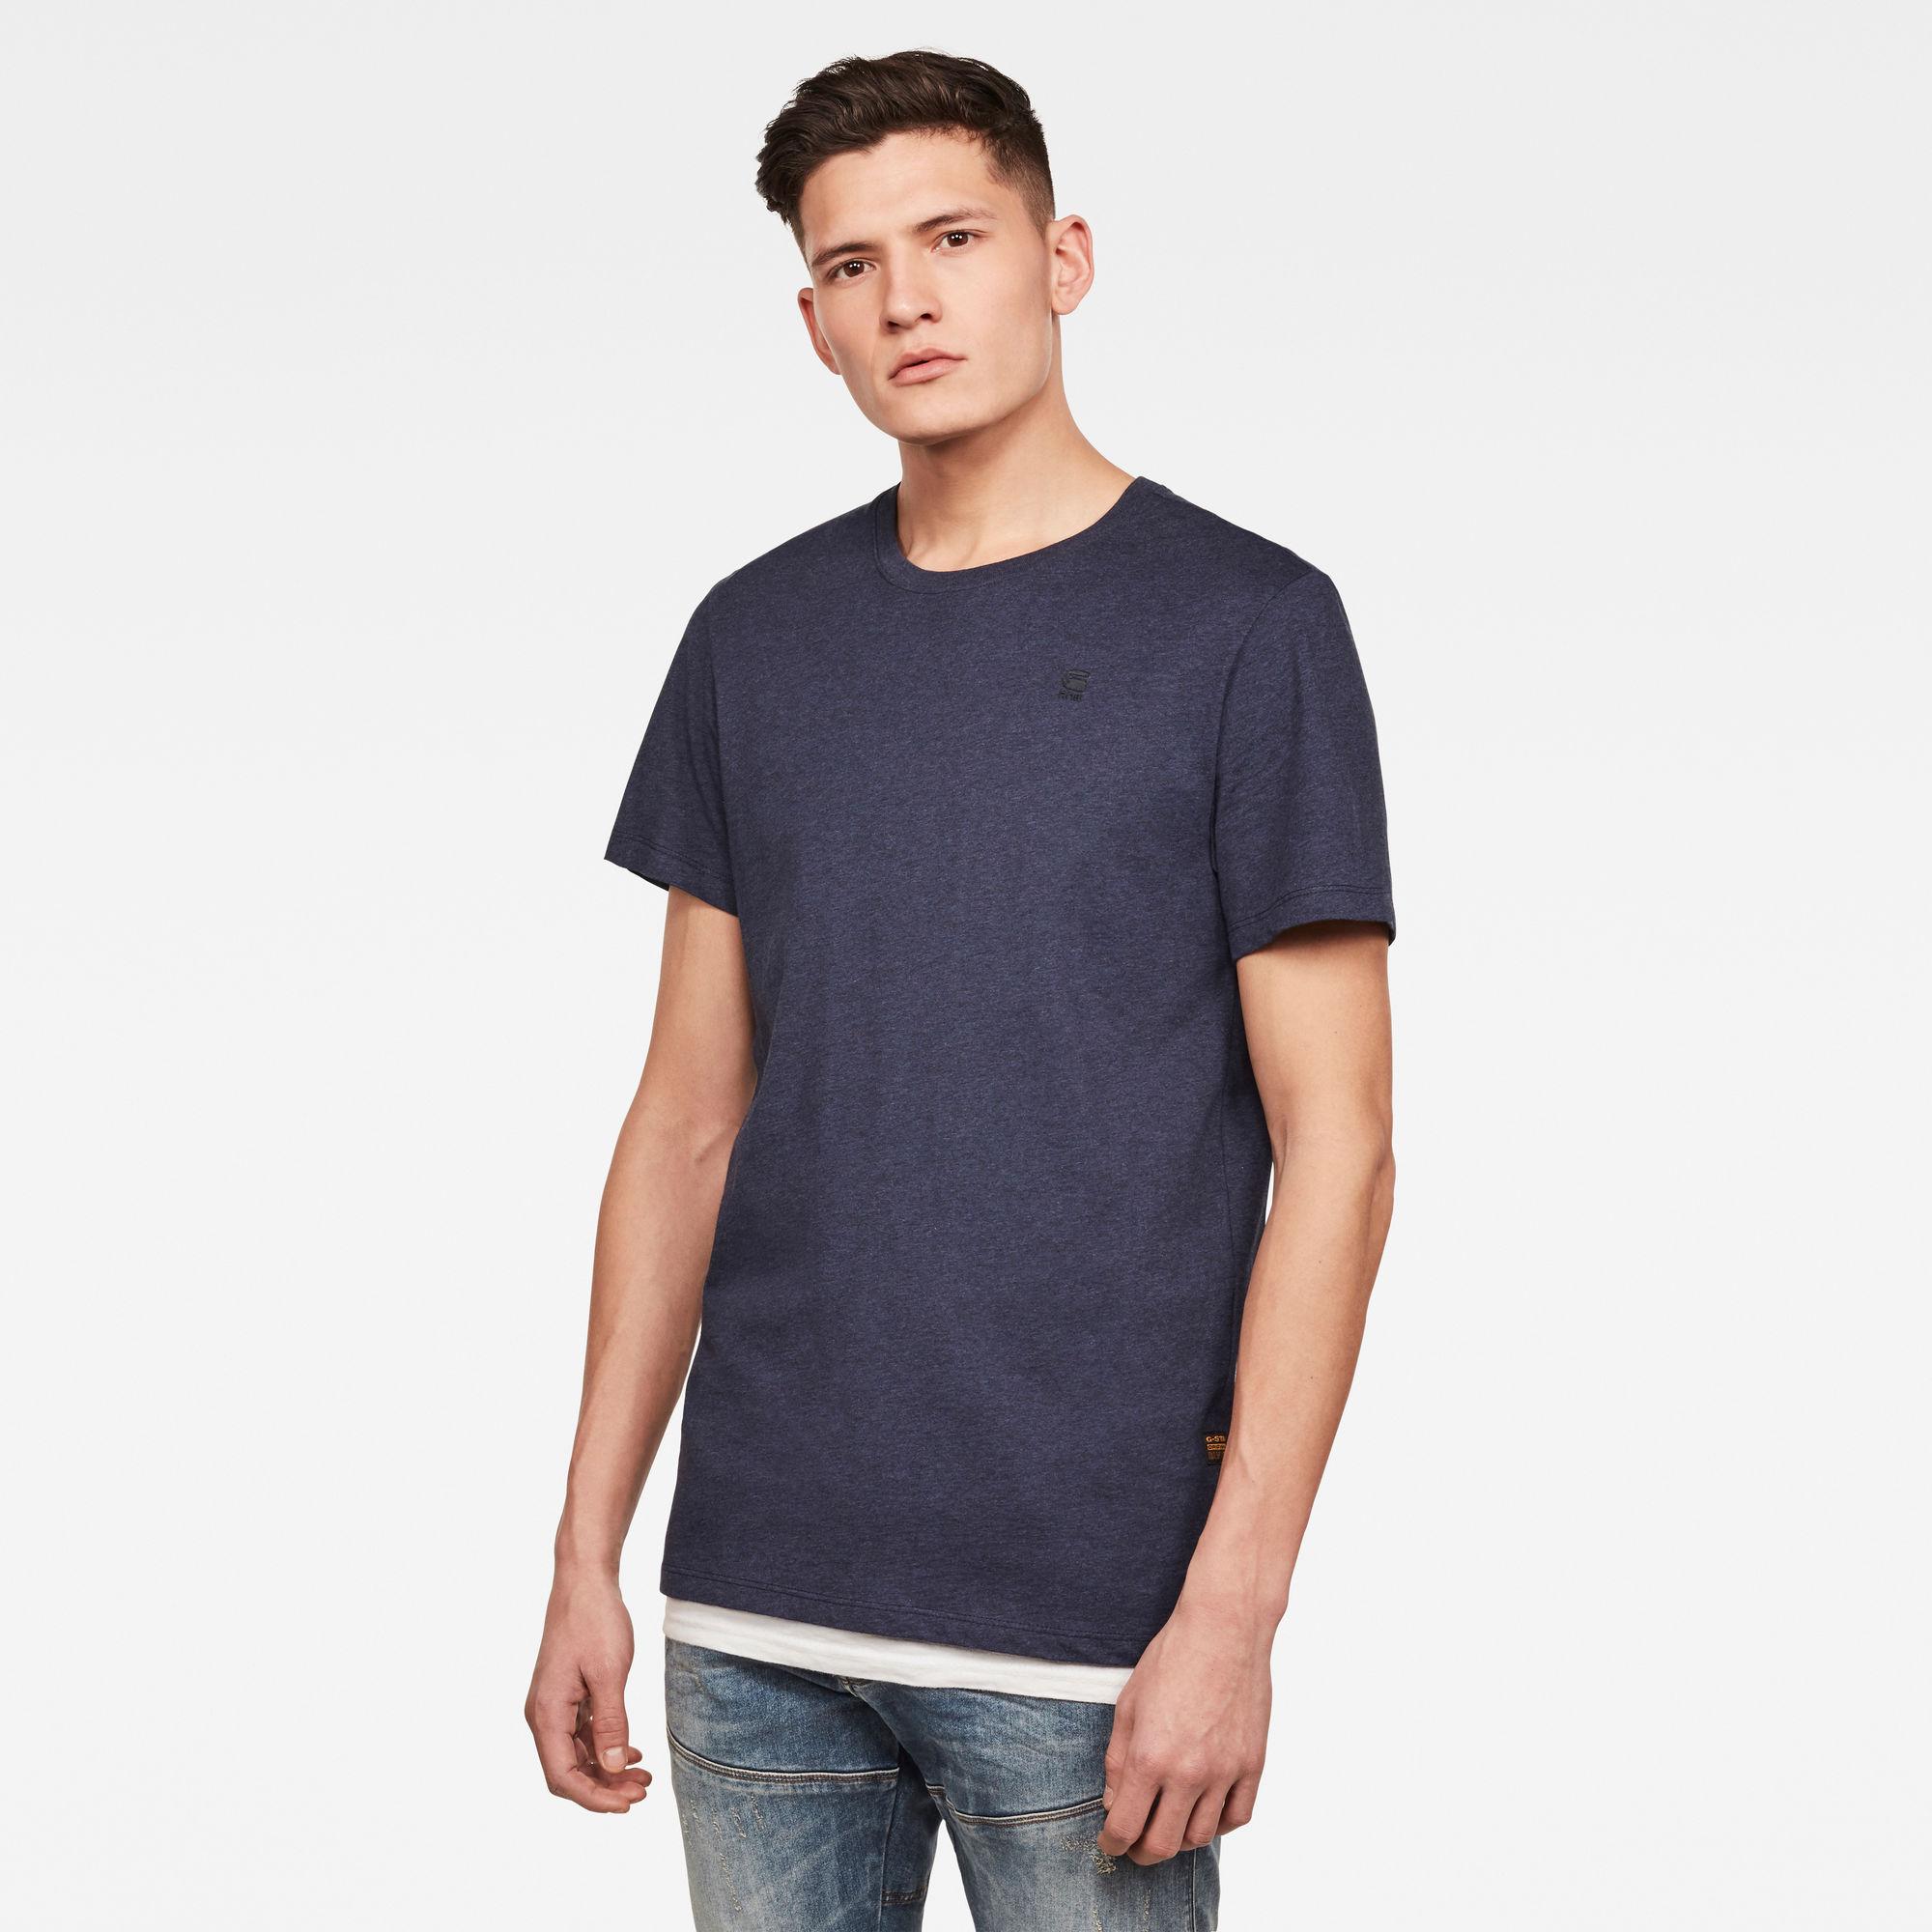 G-Star RAW Heren Base-S T-Shirt Donkerblauw